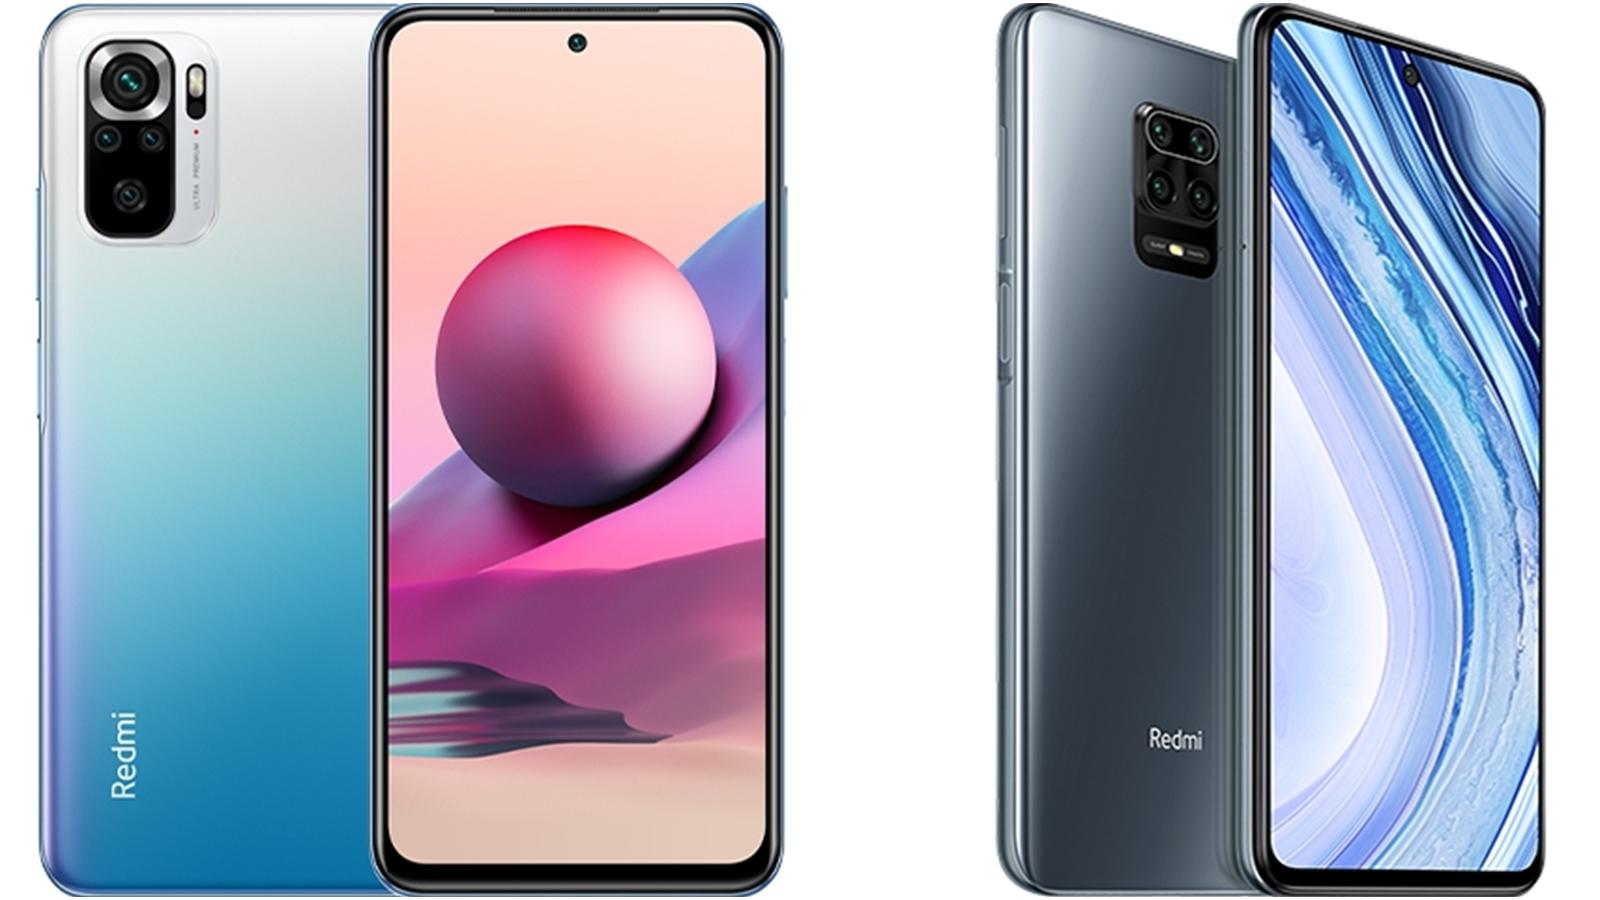 【手機專知】紅米Note 10s跟Note 9 Pro的不同差異為何?消費者該怎麼選擇?